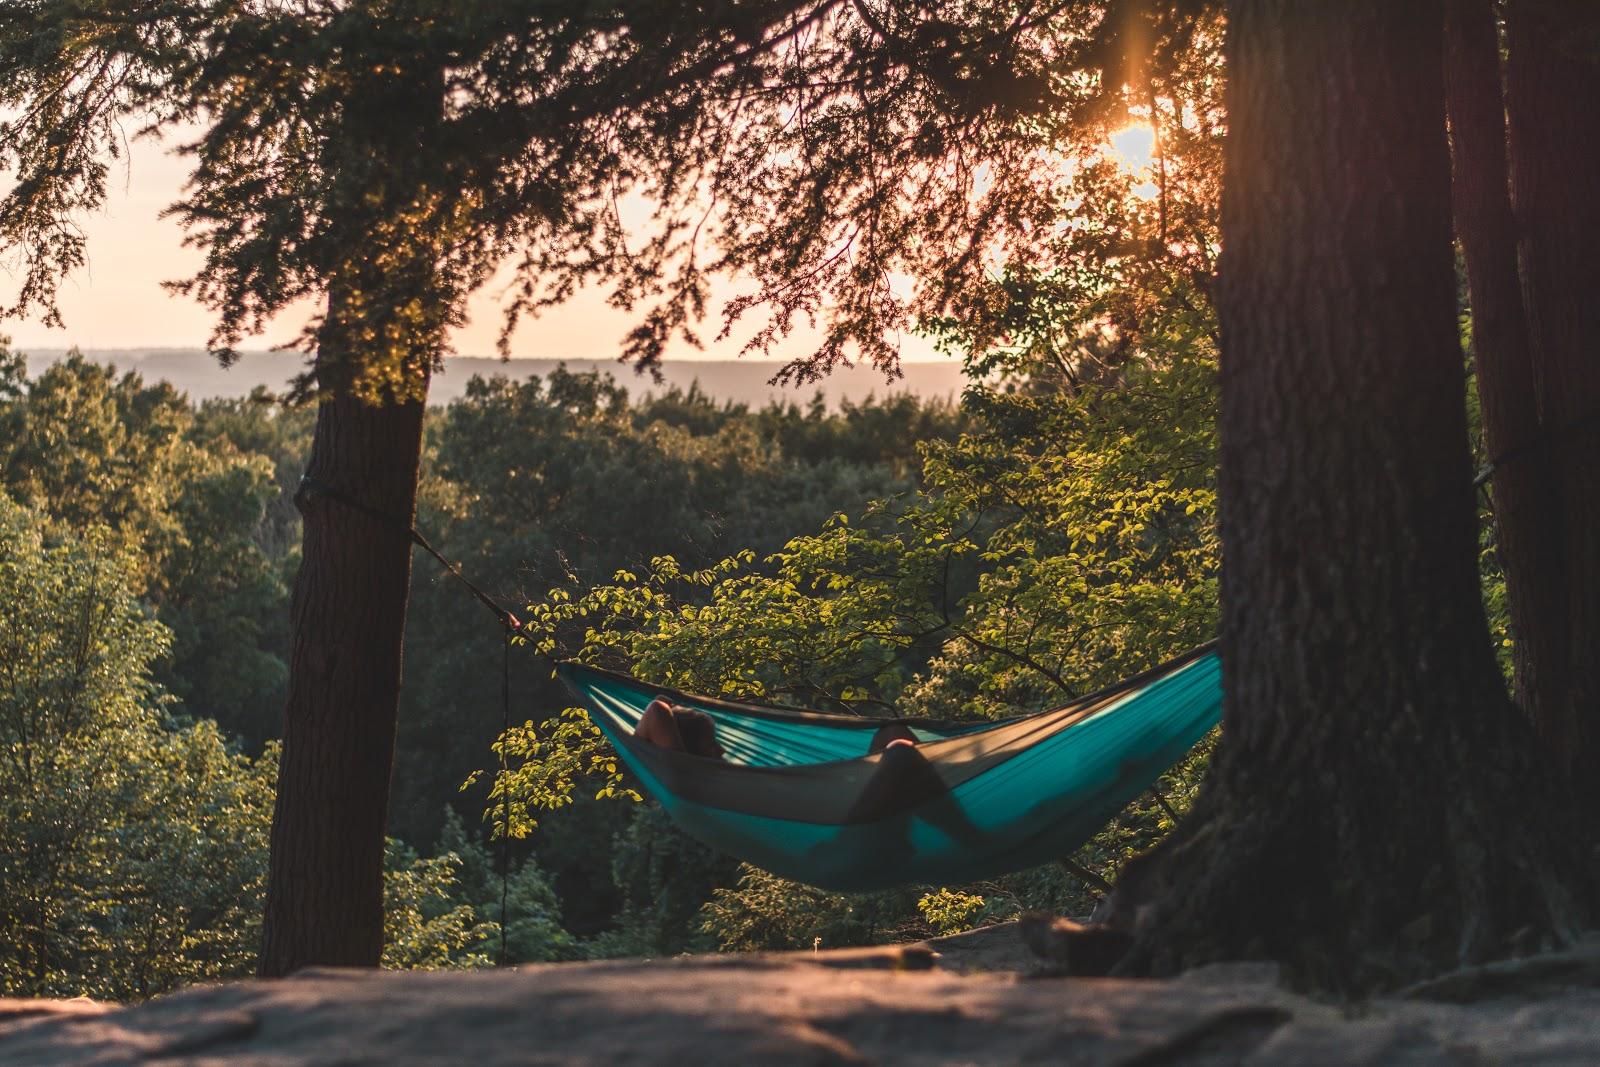 tưởng tượng nằm trên vỏng trong rừng để thức dậy tỉnh tảo đúng 5 giờ sáng